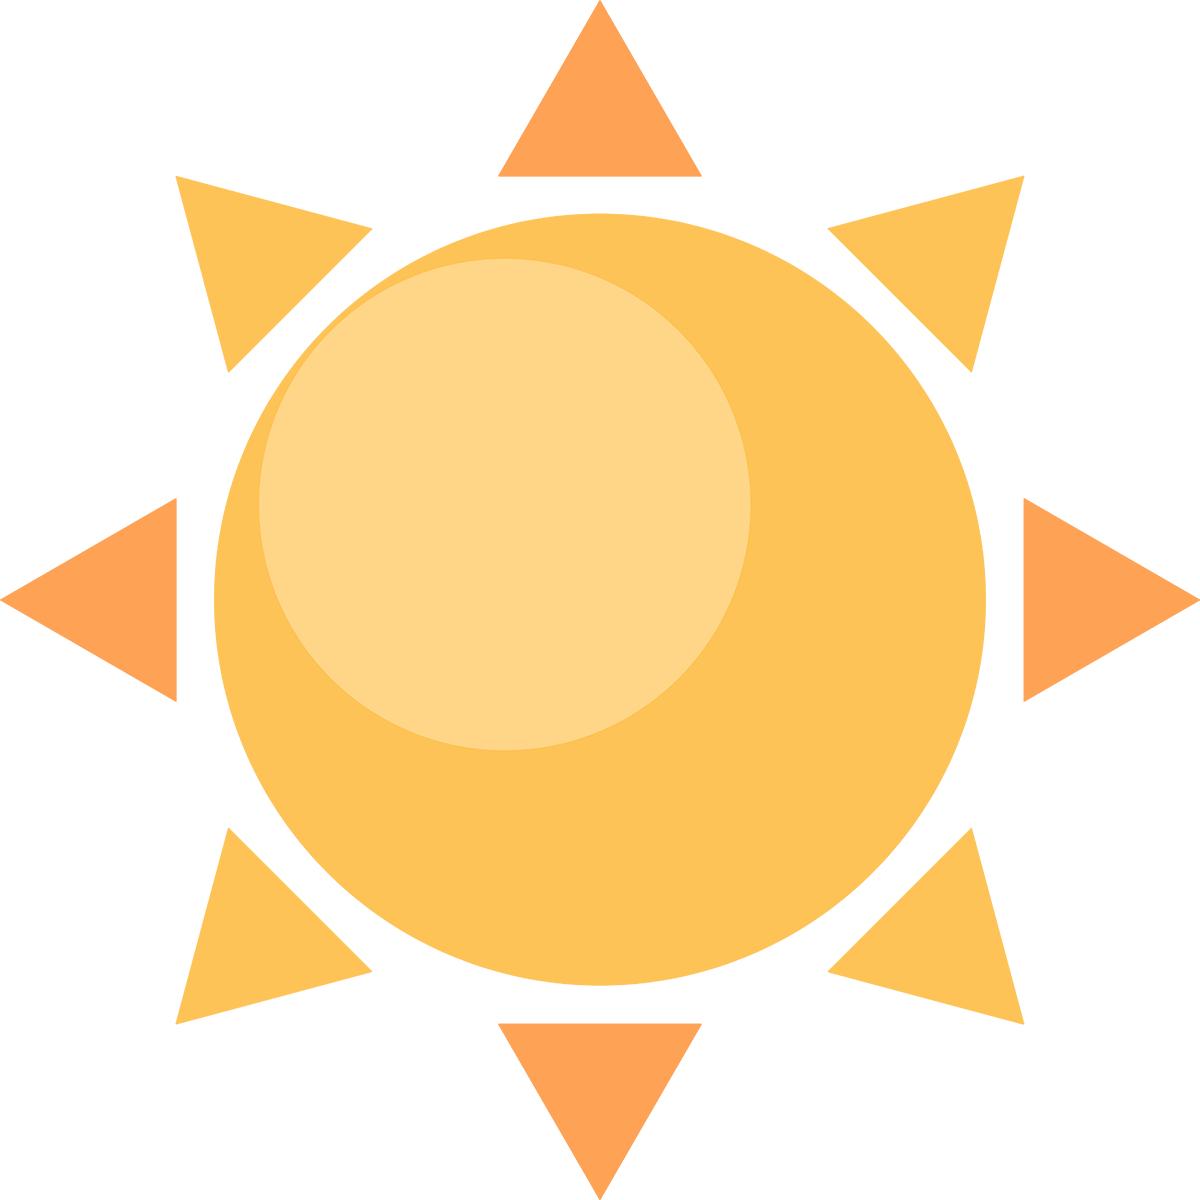 太陽の無料イラスト